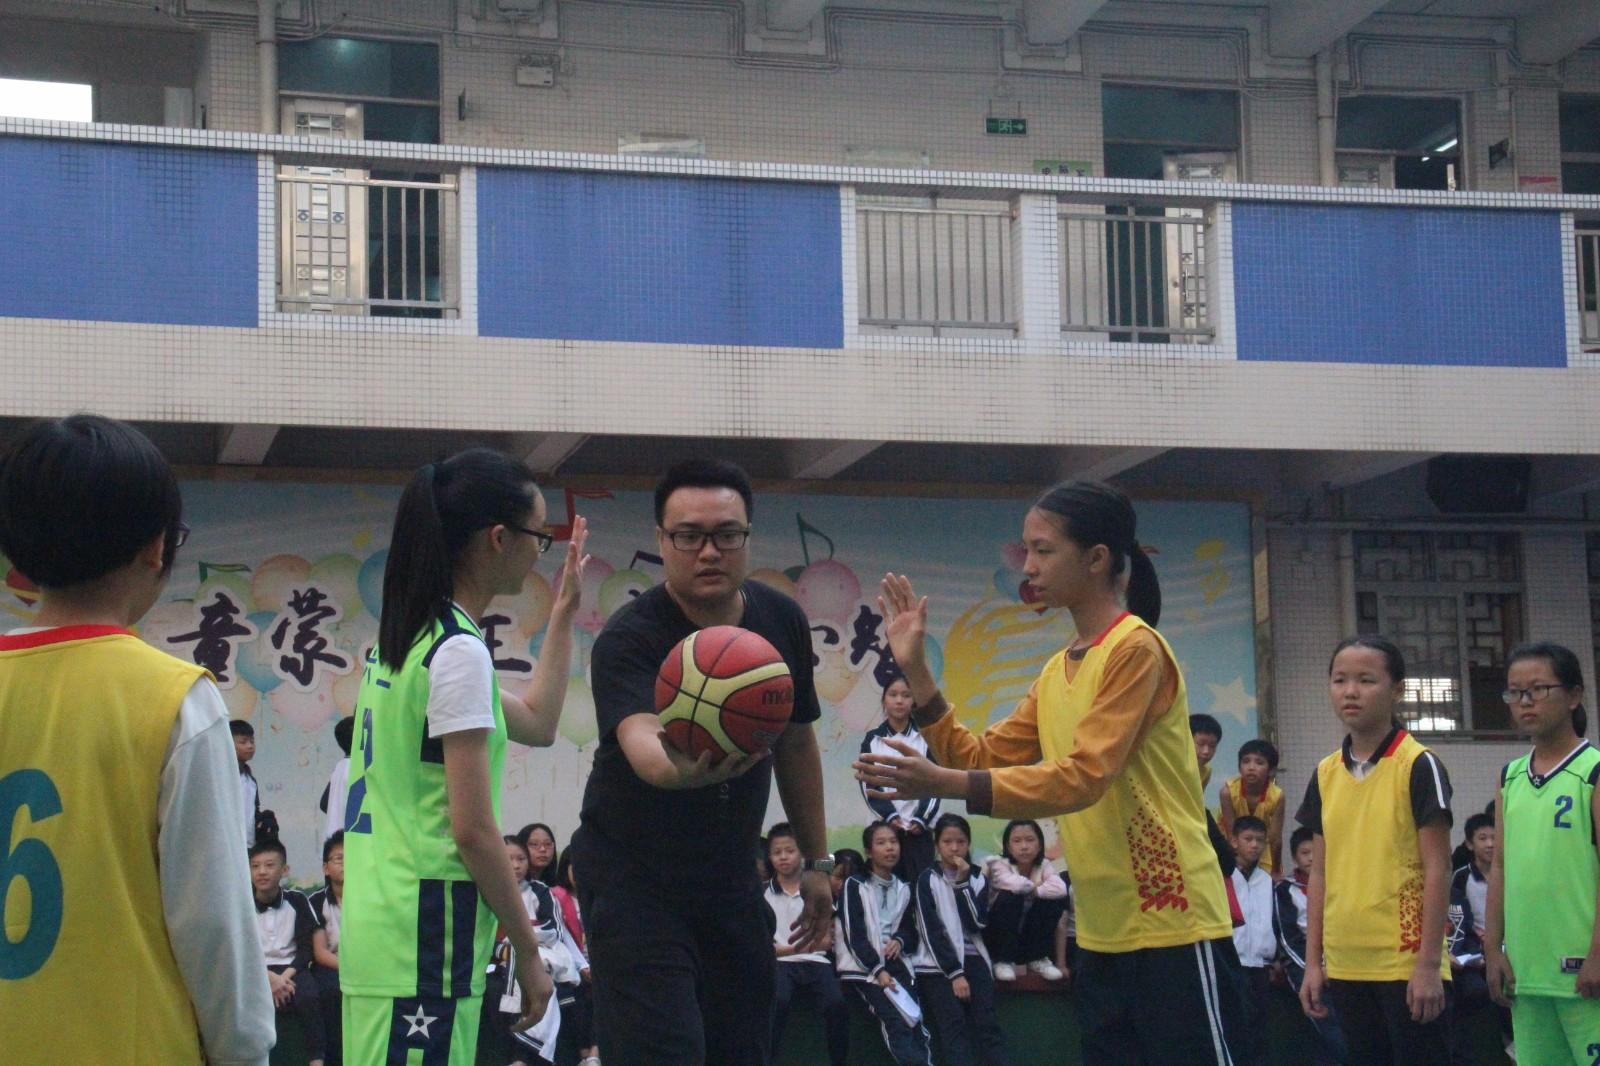 跳球1.JPG